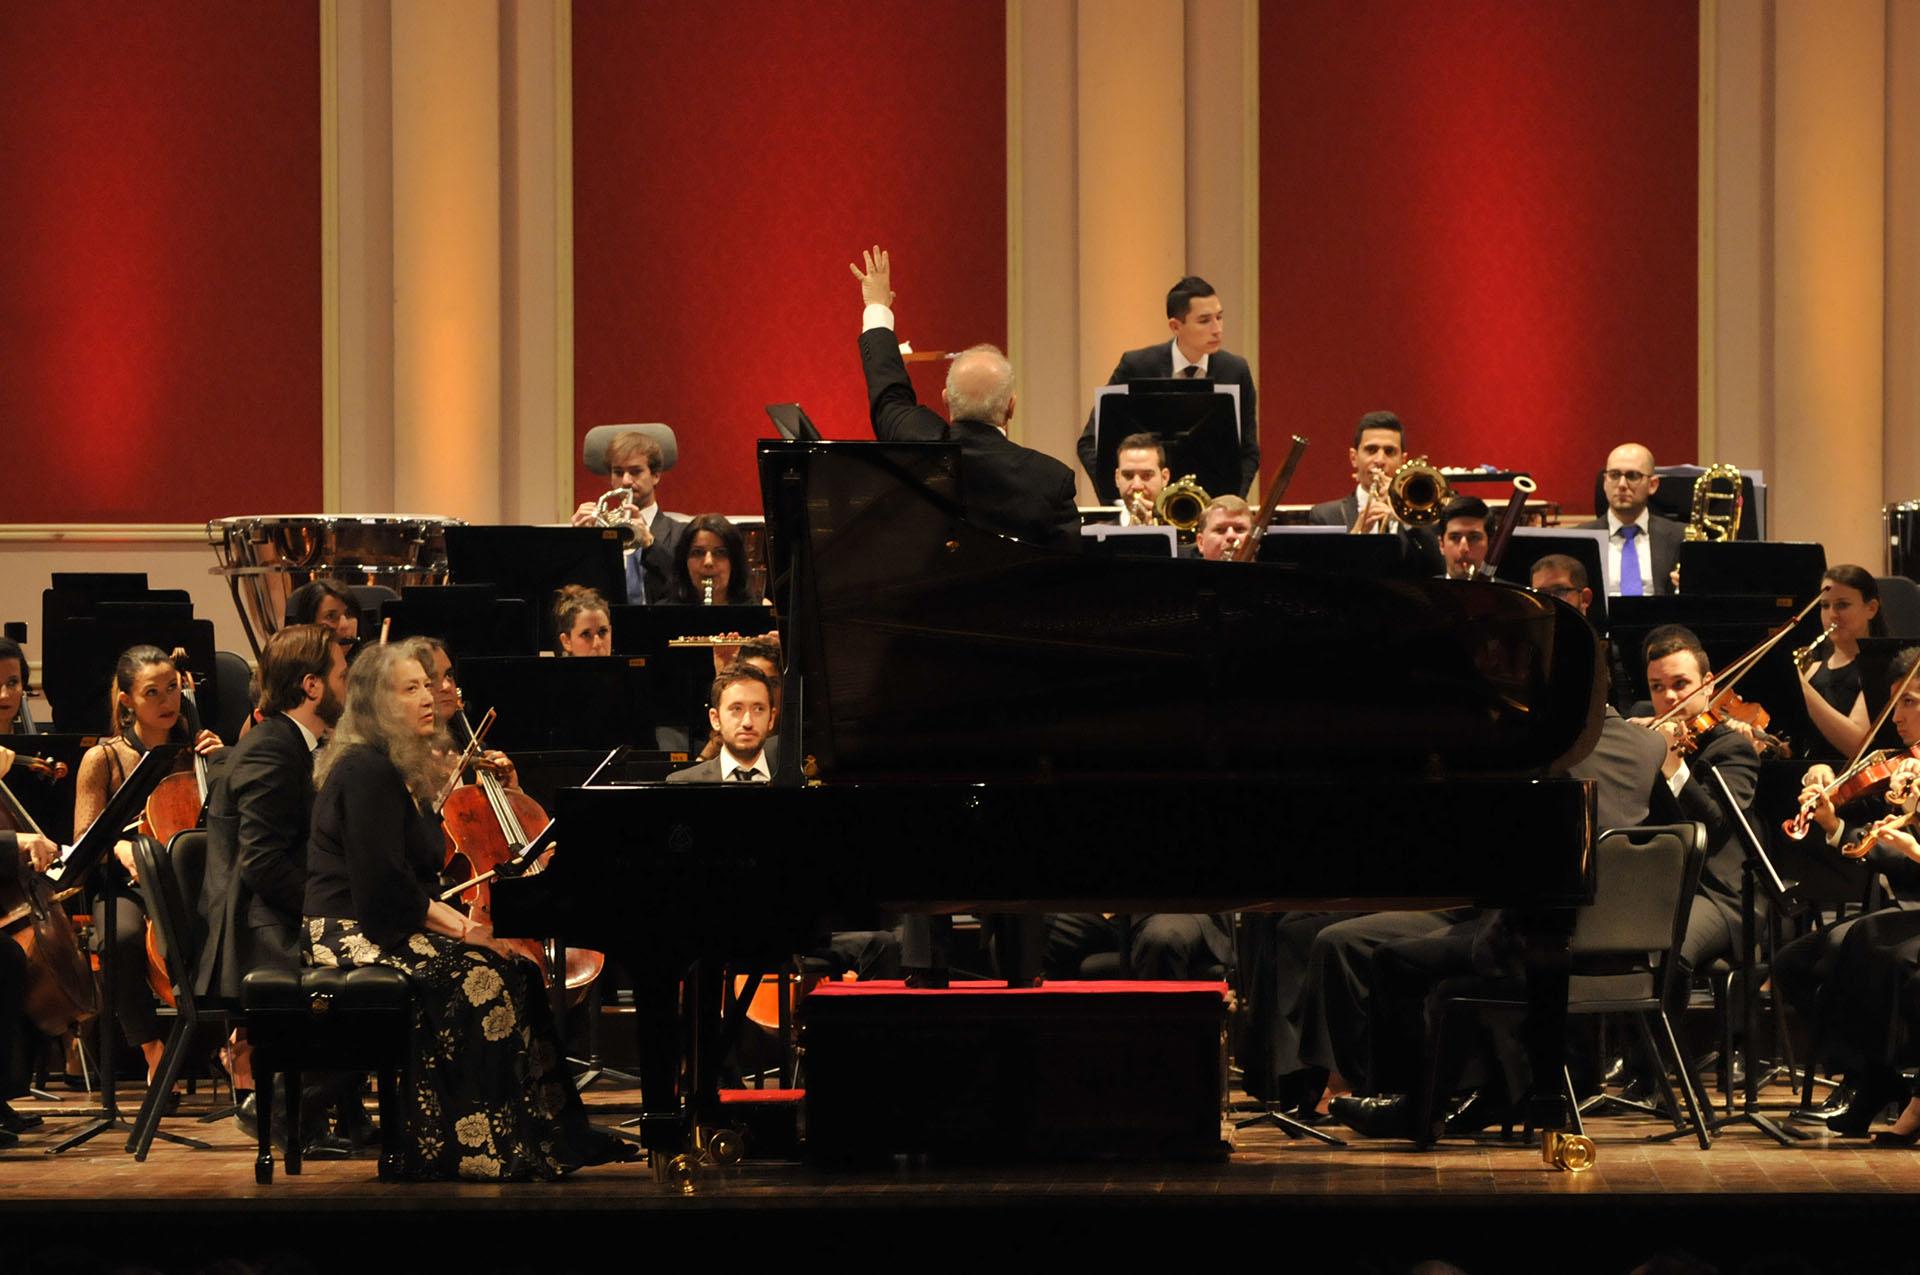 Barenboim y Argerich: talento supremo en el Teatro Colón - Infobae